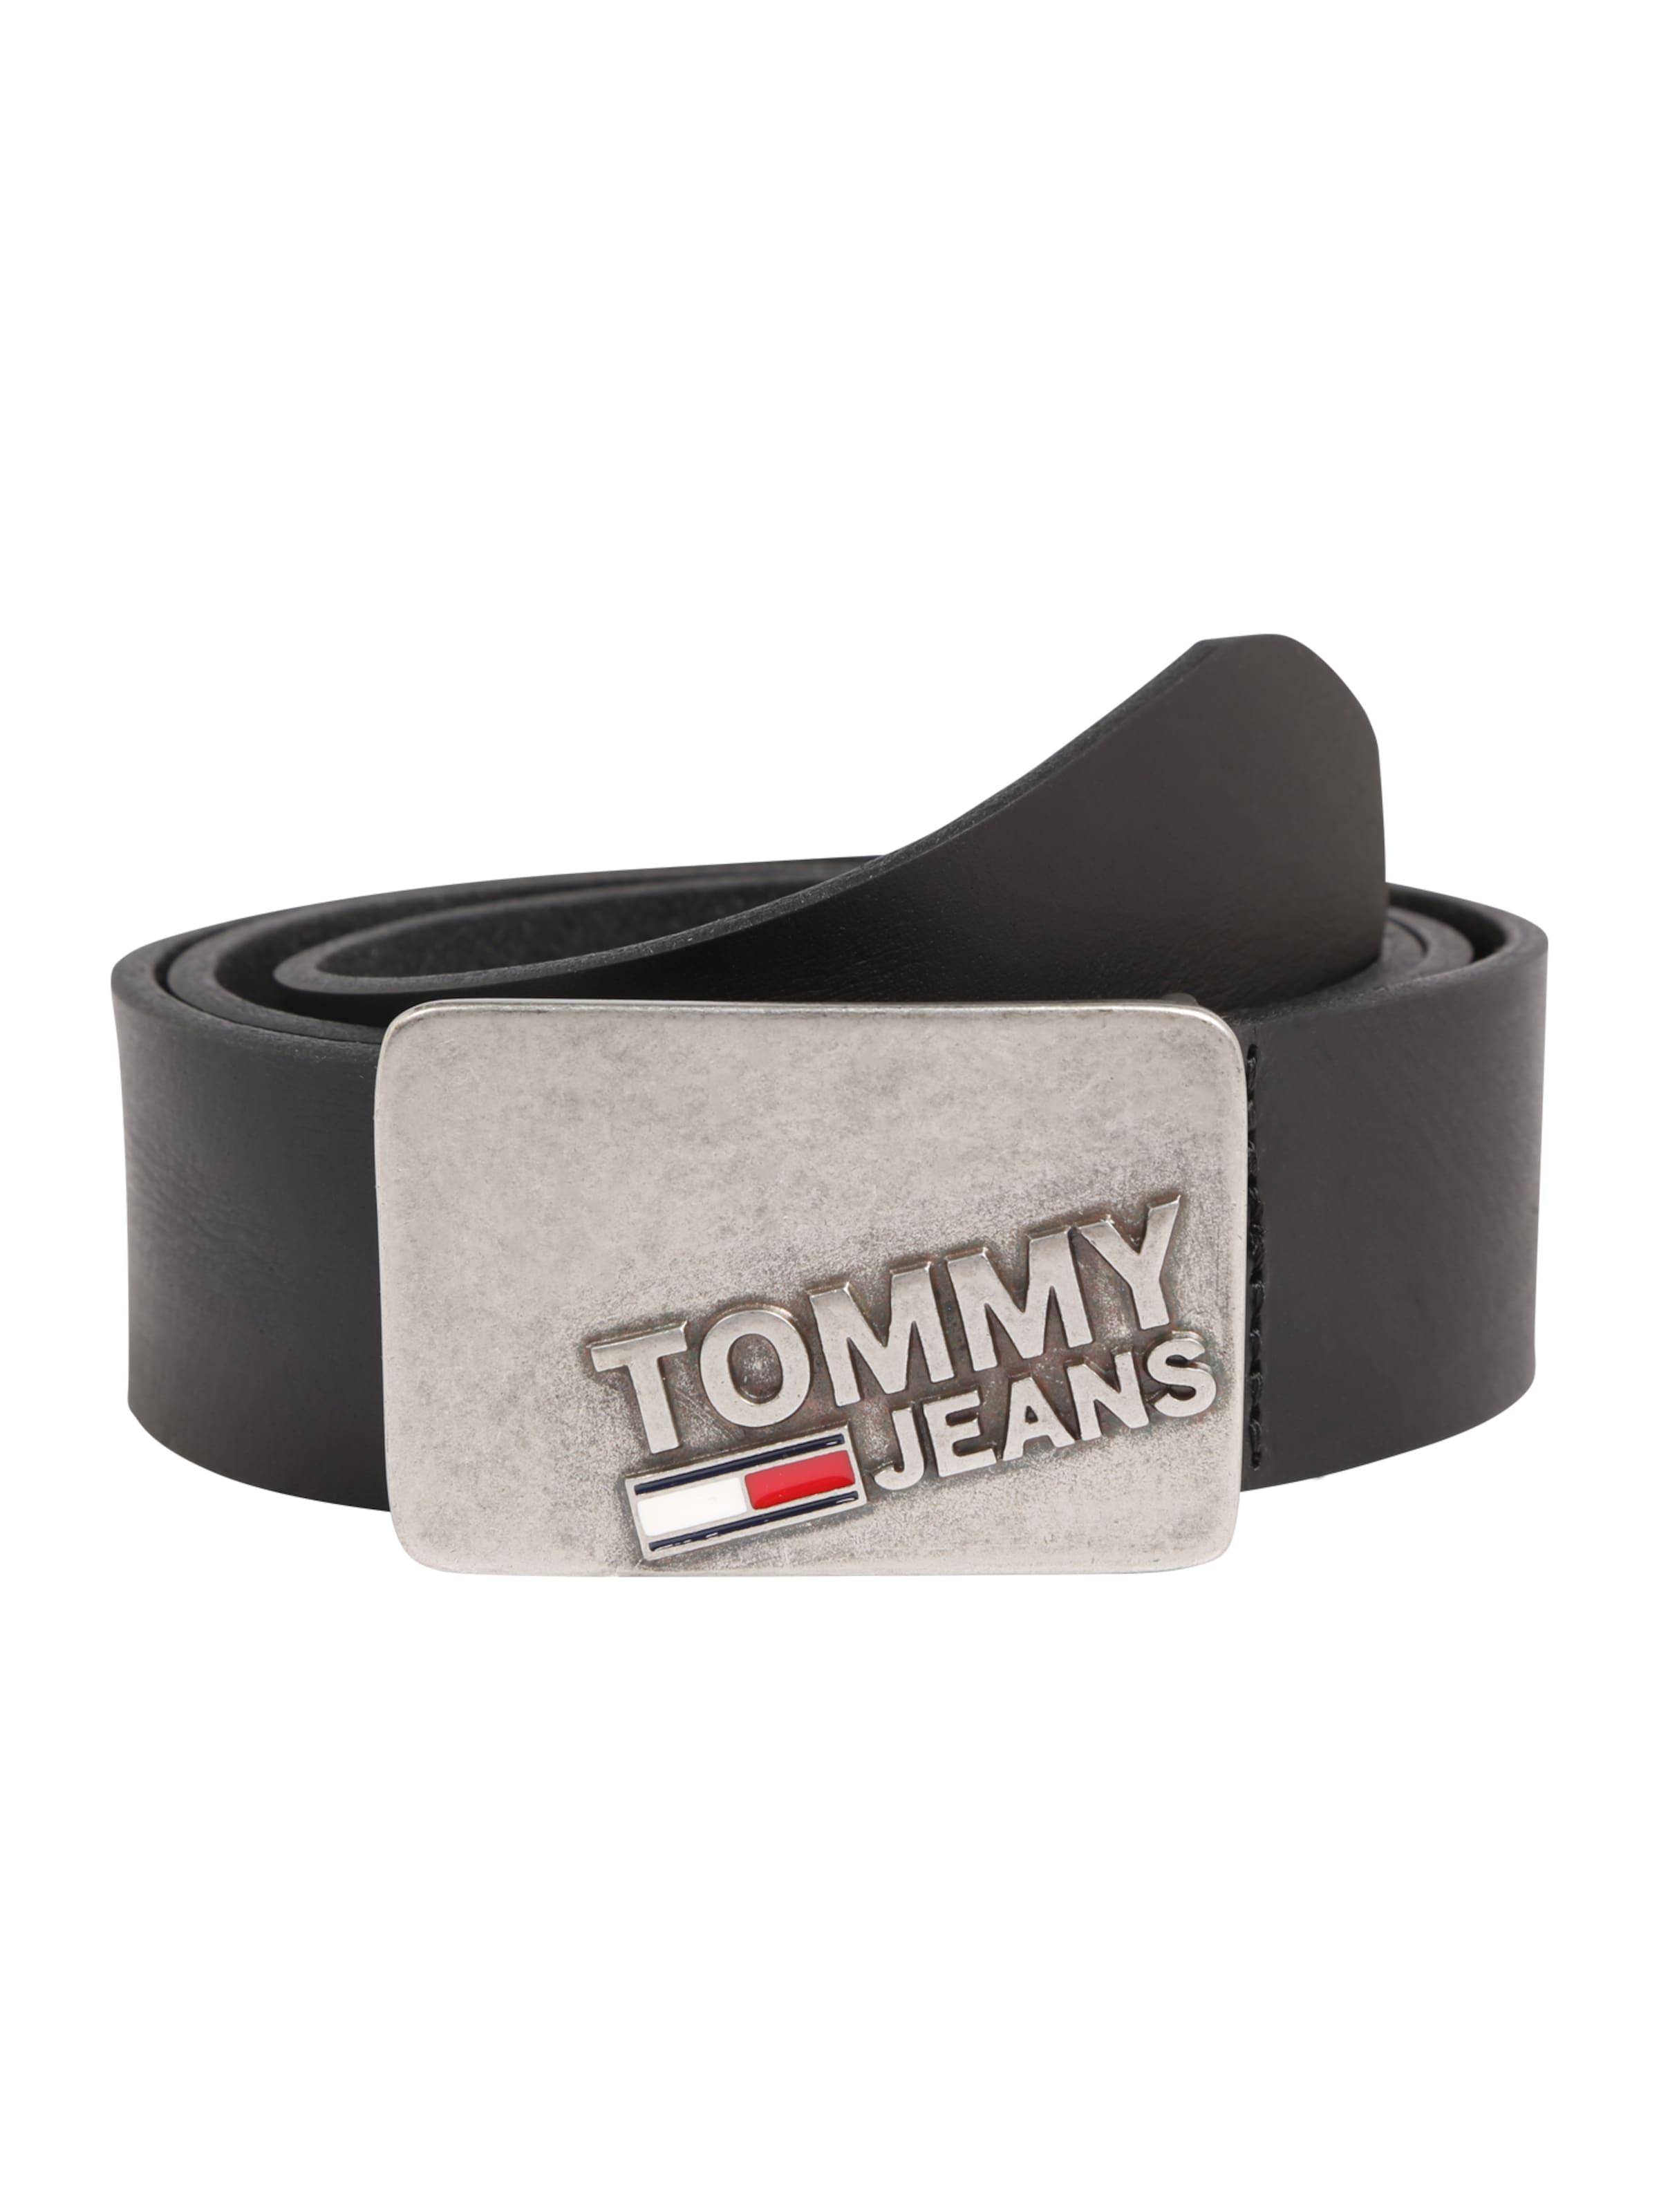 Auslass Wirklich Tommy Jeans Ledergürtel mit Plakette Suche Nach Online Preise Und Verfügbarkeit Für Verkauf Freies Verschiffen Neue Stile p4MjURs